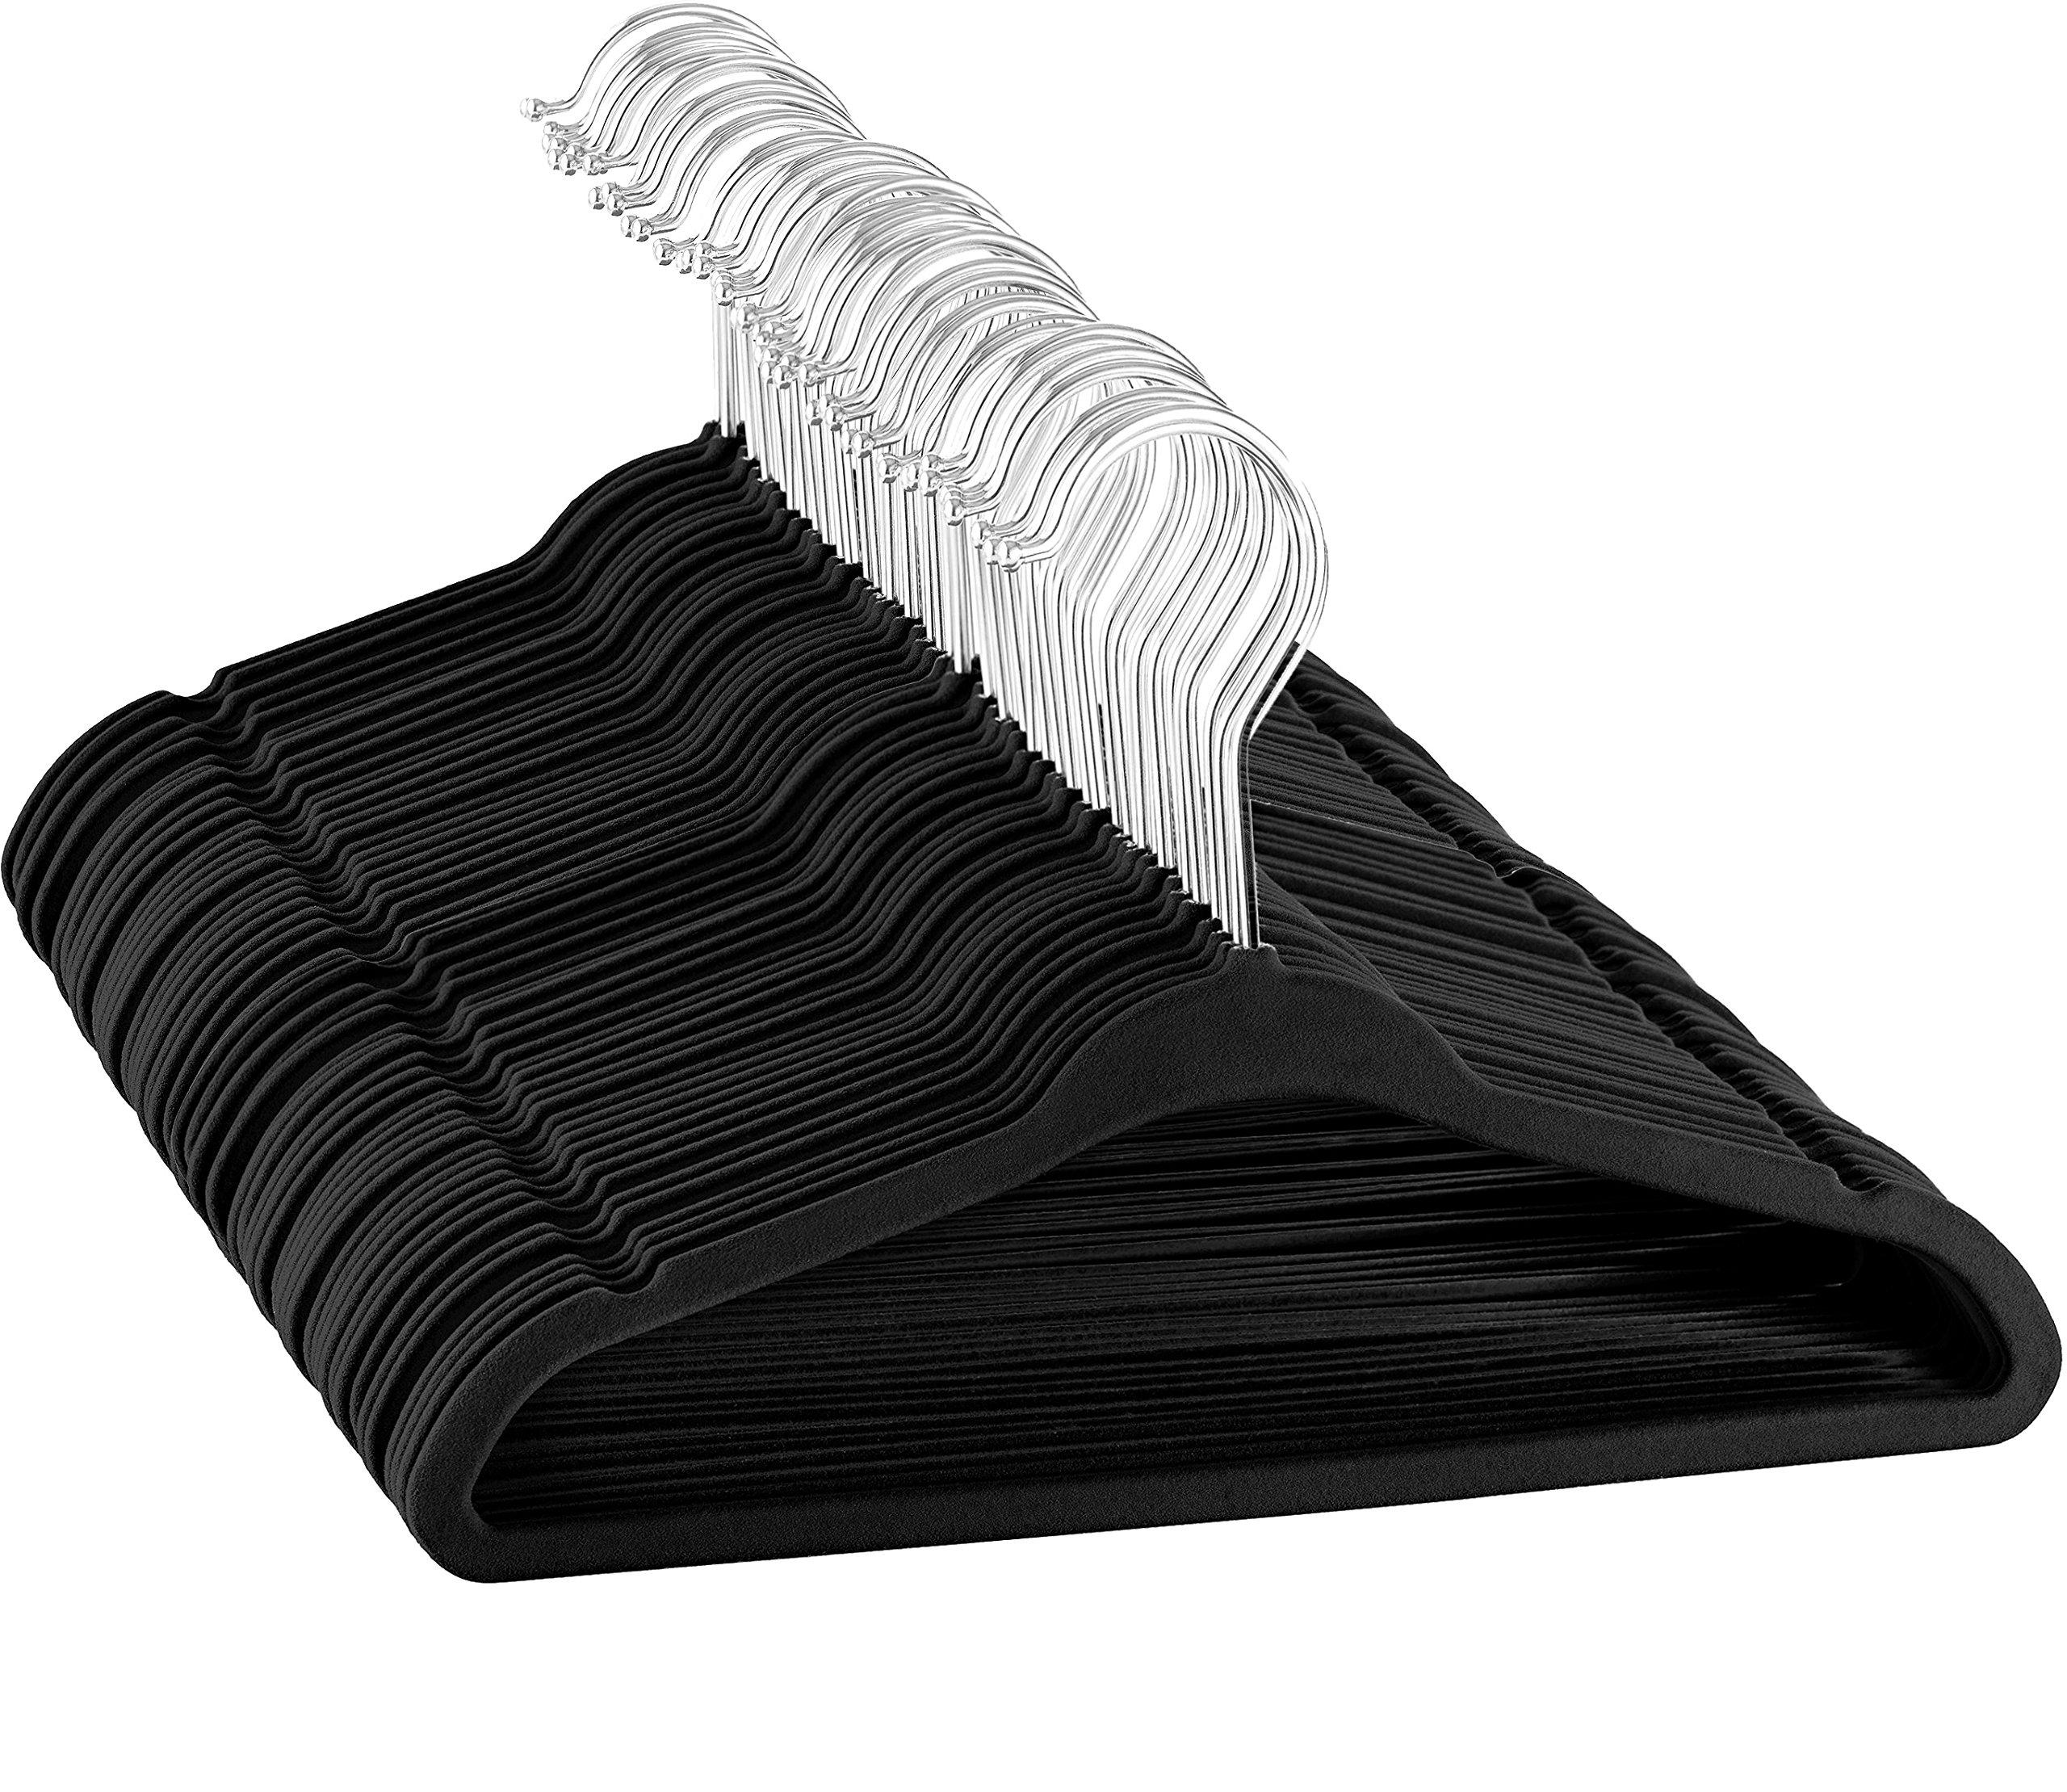 ZOBER - Kids Velvet Hangers - 50 Pack - 14'' Wide - Premium Quality Space Saving Strong and Durable 360 Degree Chrome Swivel Hook Ultra Thin Non Slip Junior Hangers - (Black)